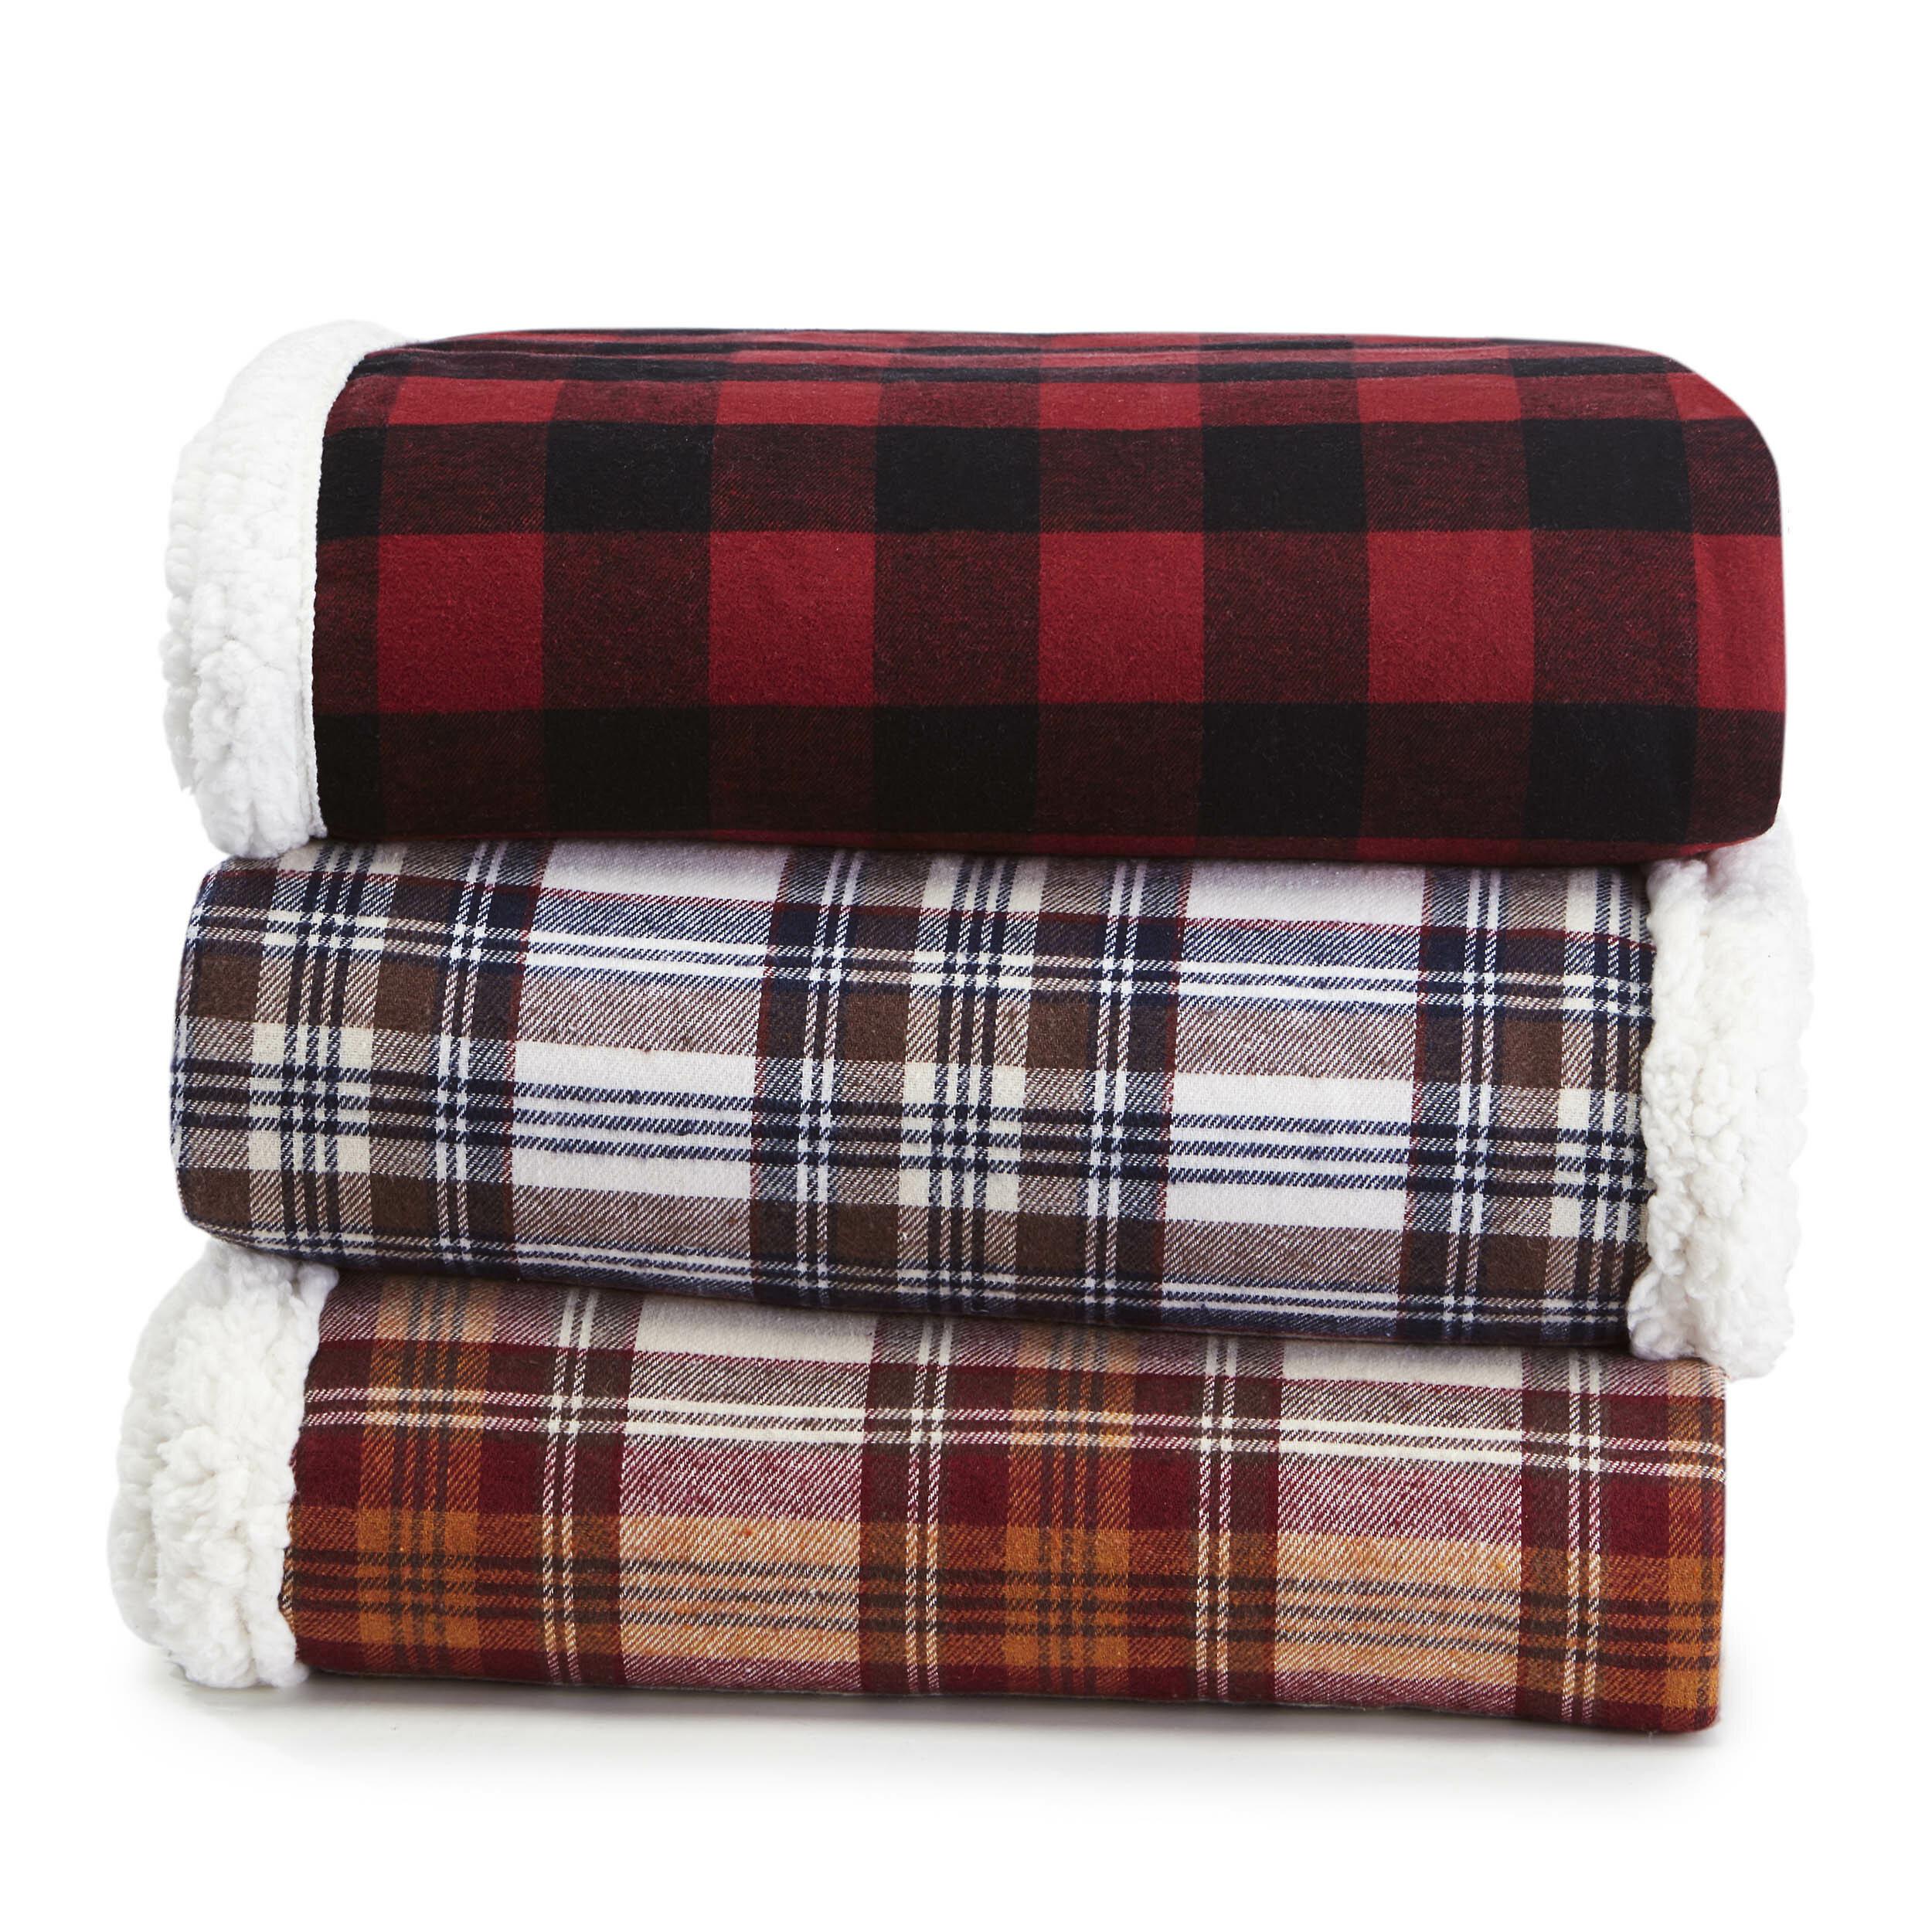 Image result for eddie bauer blanket